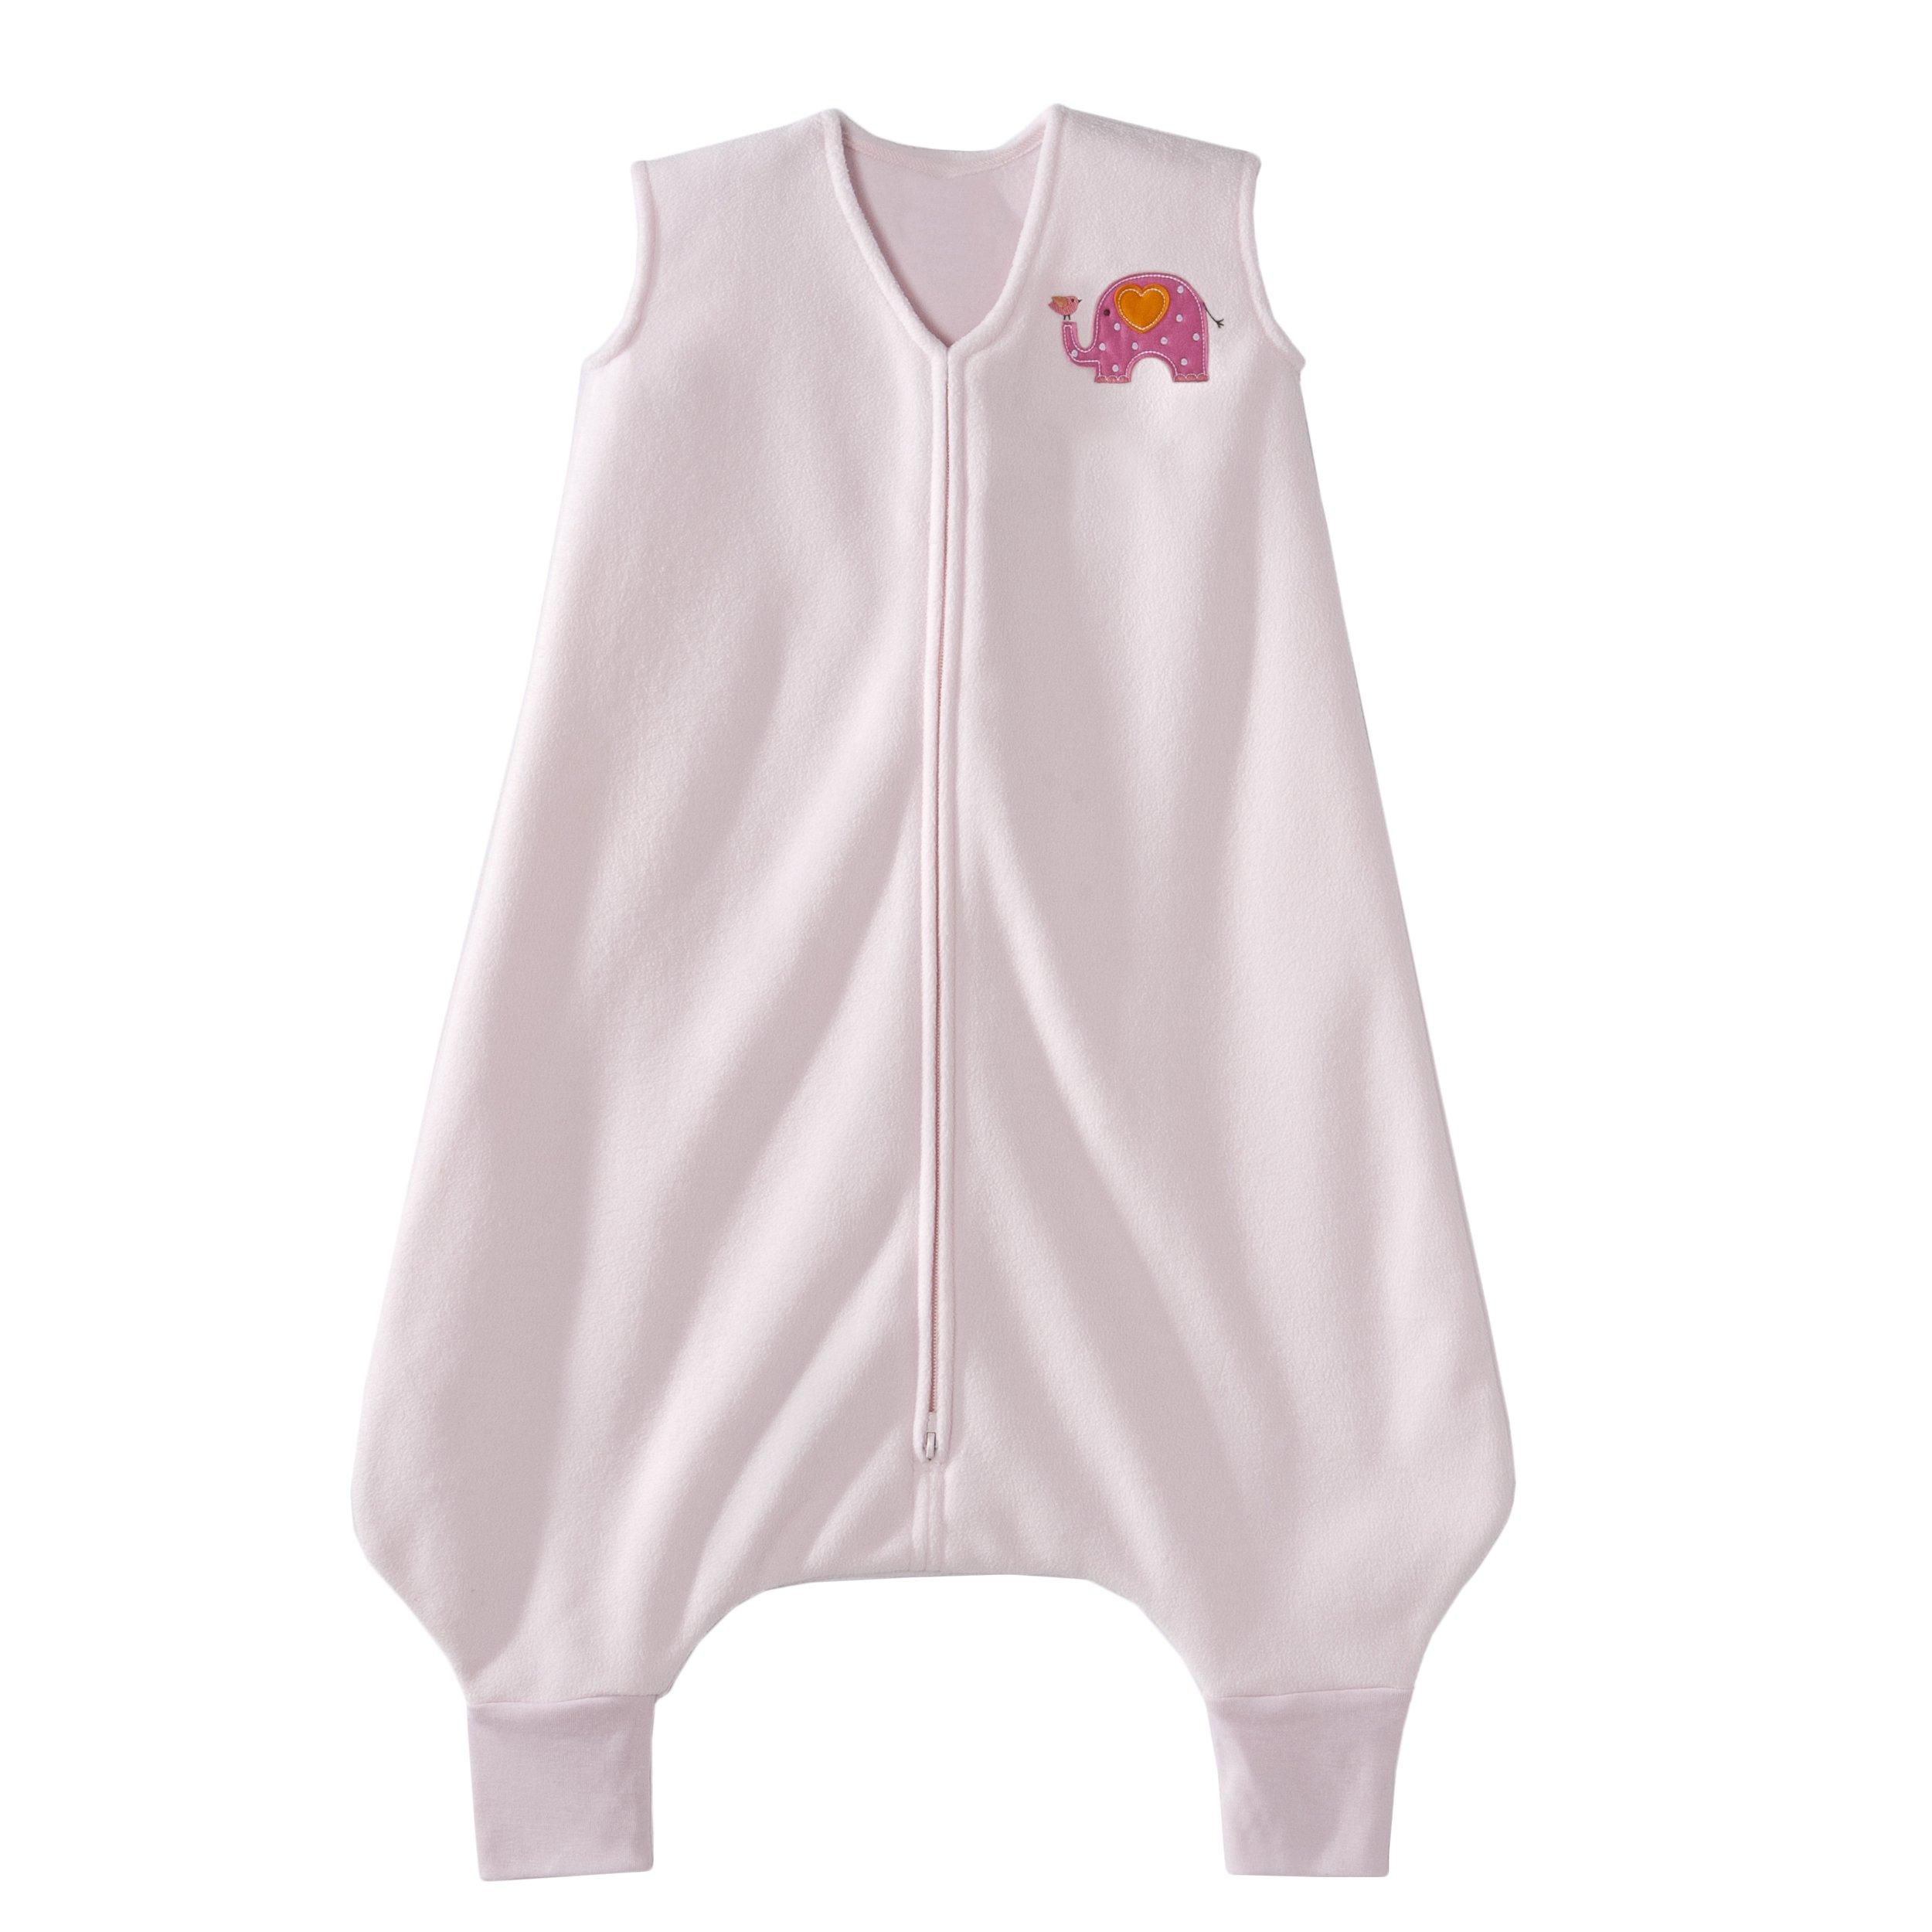 HALO Big Kids Sleepsack Micro Fleece Wearable Blanket, Pink, 2-3T by HALO